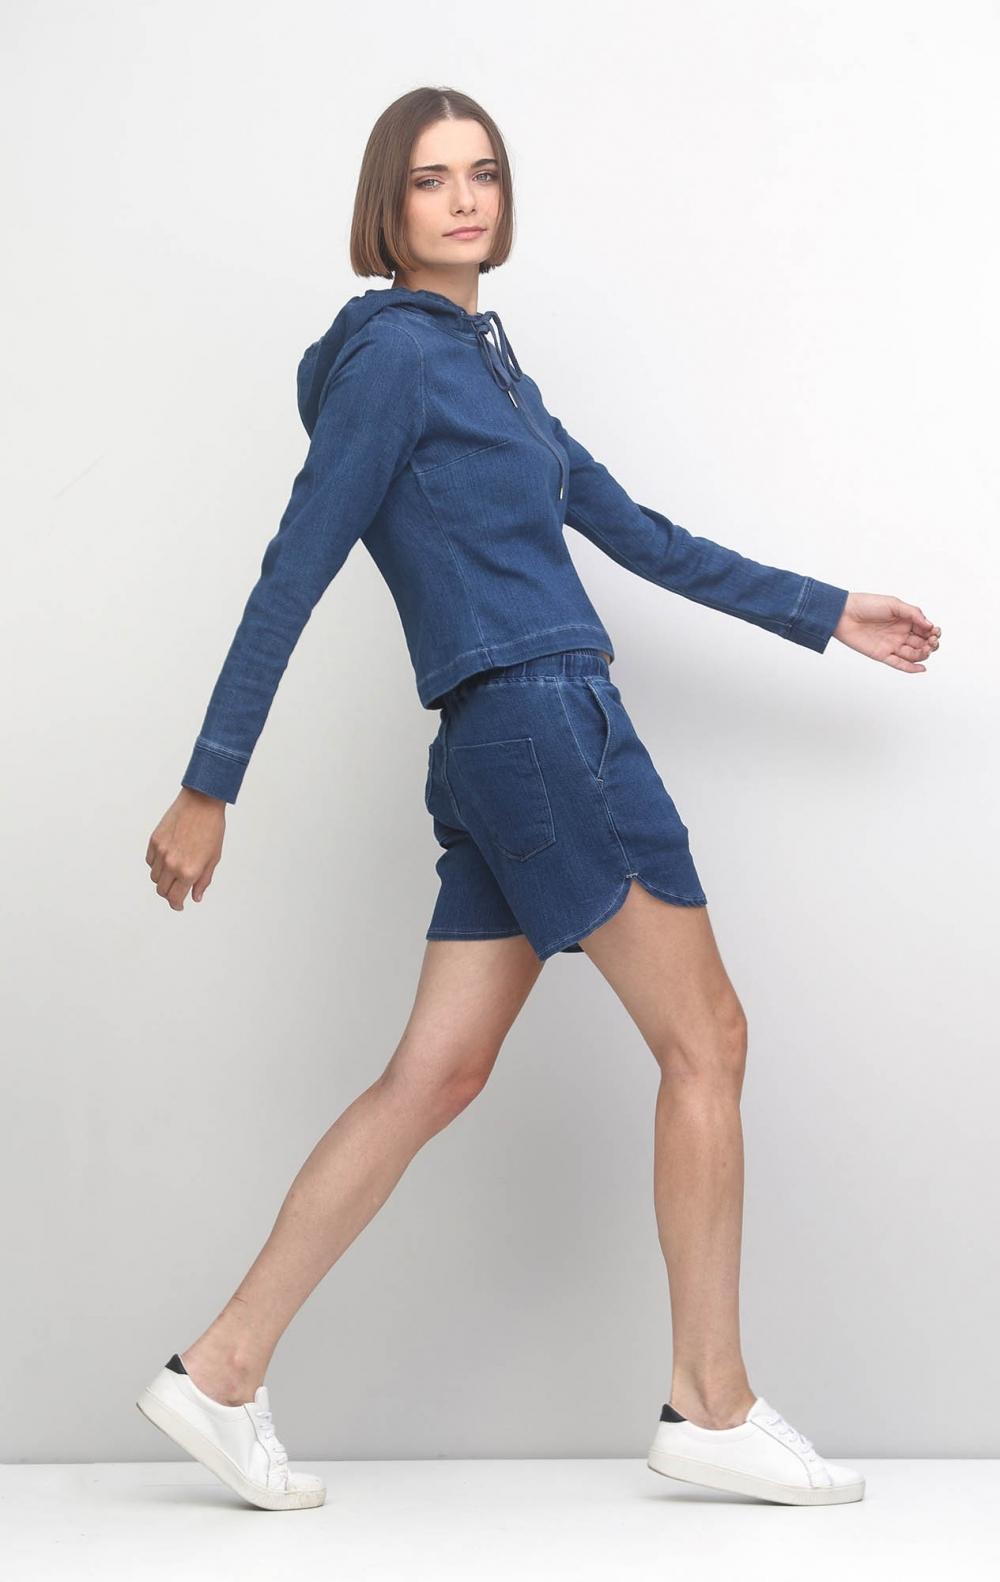 Conjunto Moletom Jeans Curto  - Foto 2